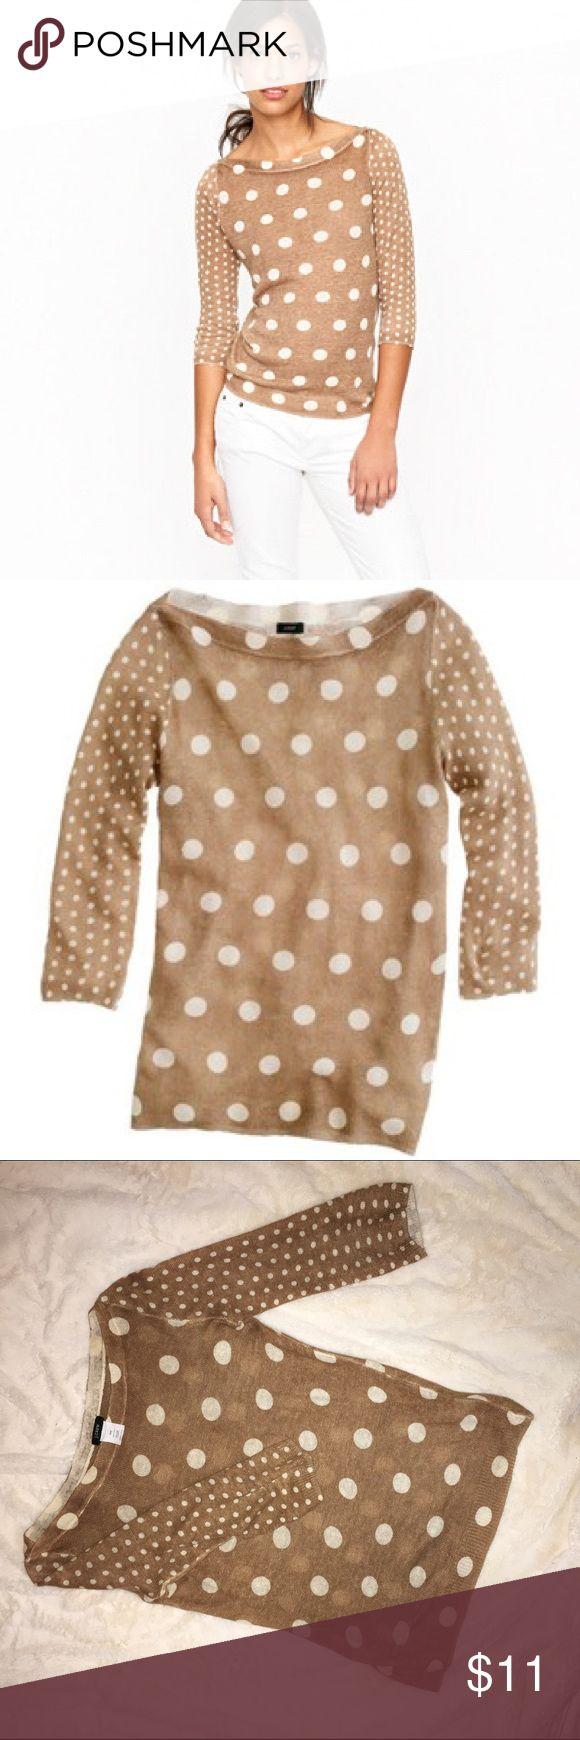 JCrew - fine knit poka dot sweater Worn twice. No stains tears etc. J. Crew Sweaters Crew & Scoop Necks